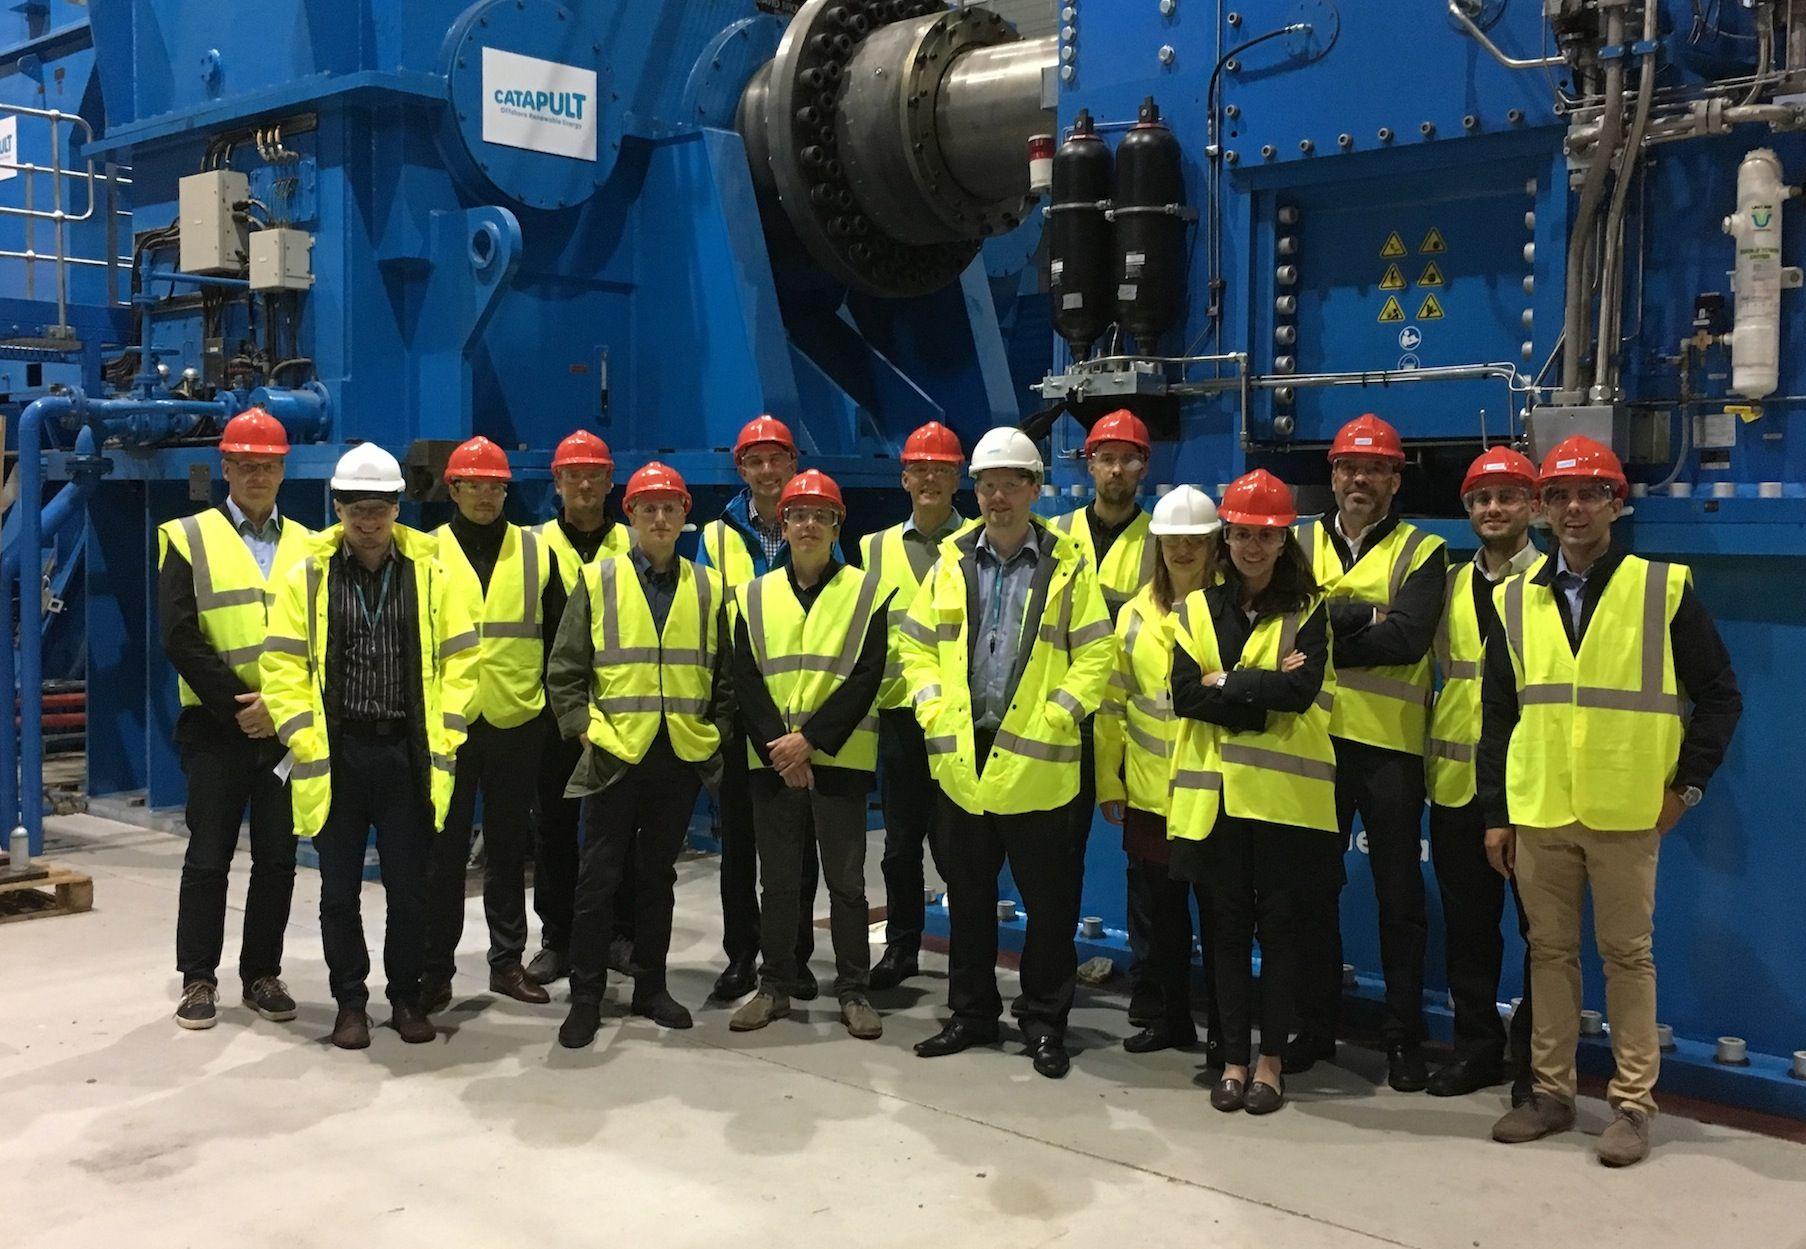 Fernando Sánchez, de la CEU UCH, junto a investigadores del grupo europeo ODB en las instalaciones de ORE Catapult. (Foto: ORE Catapult).